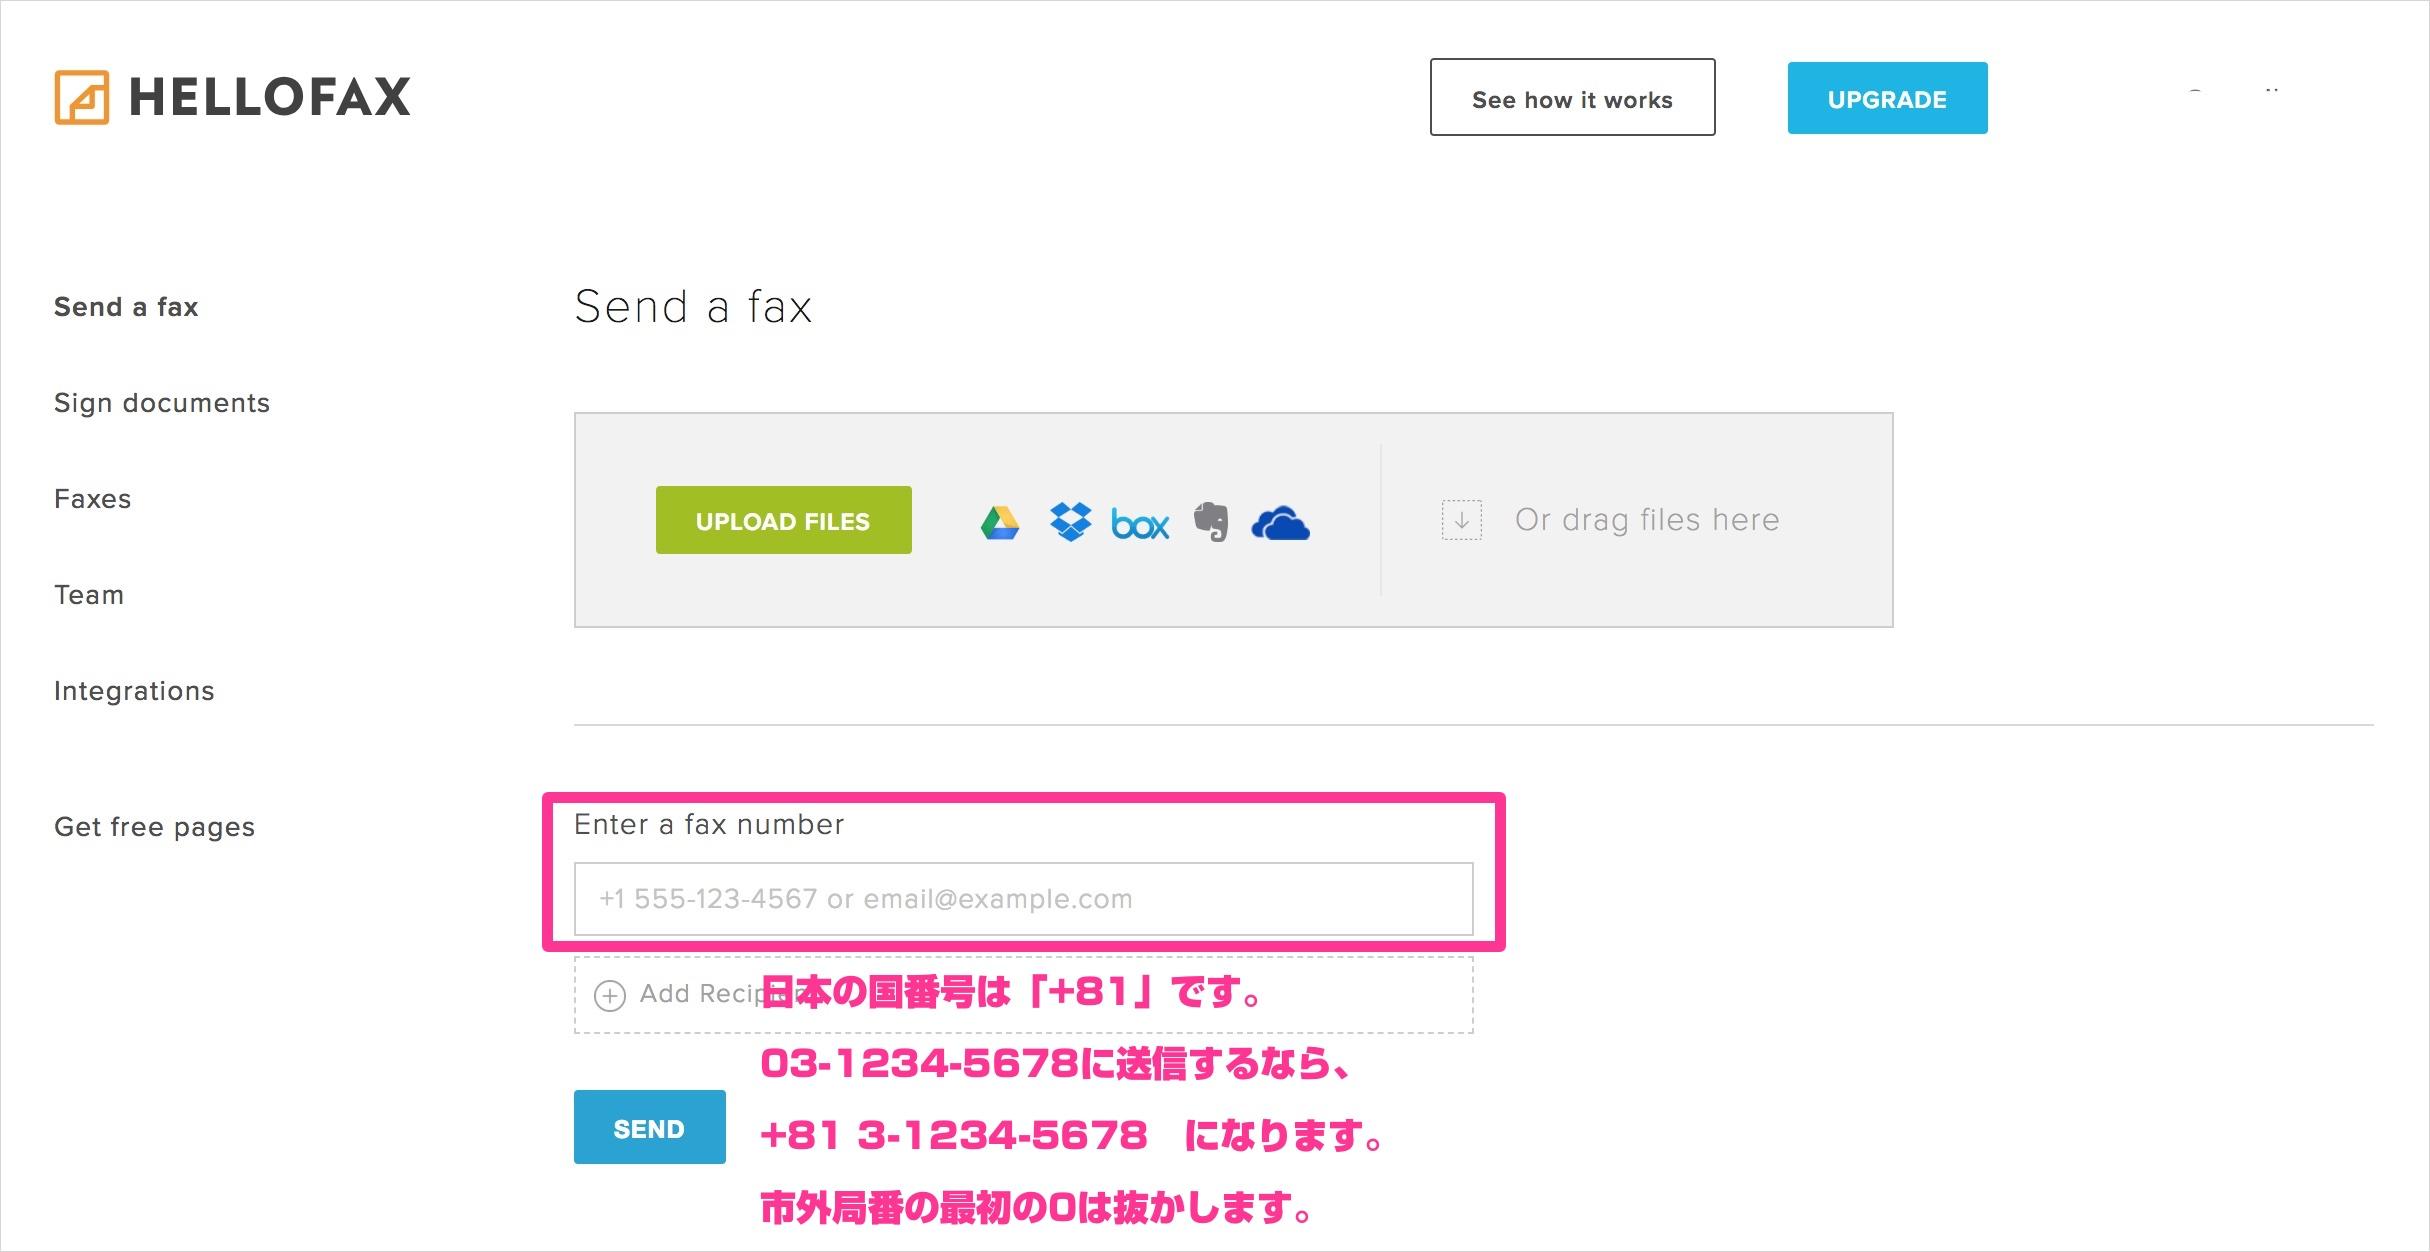 無料でfaxを送信したいなら hellofax 5枚だけ インターネットfax